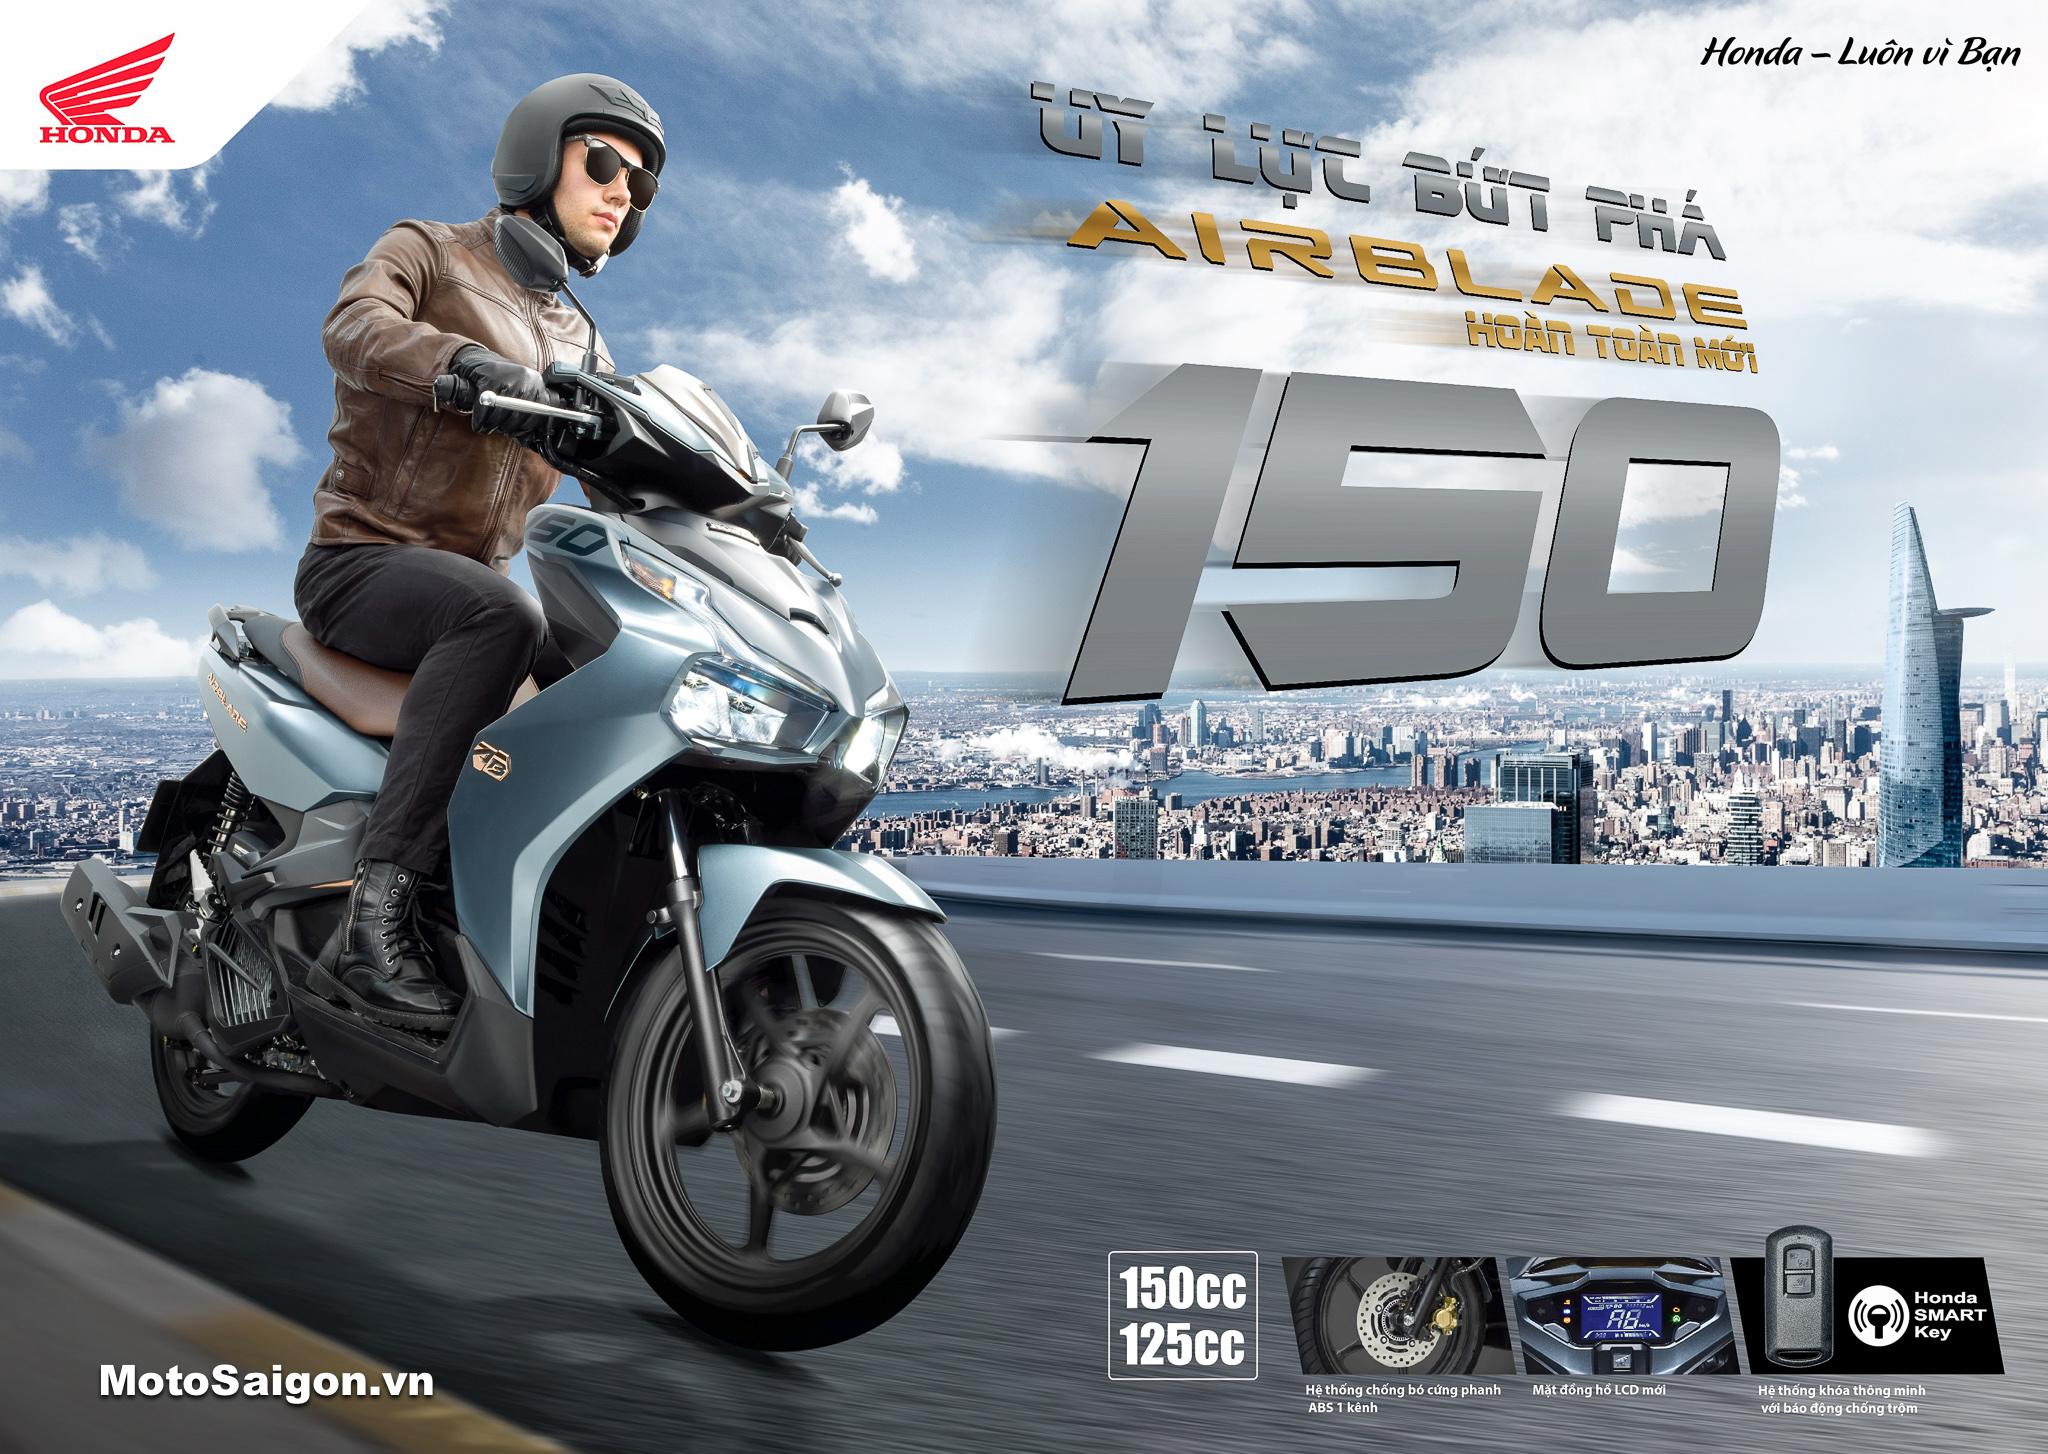 Honda Air Blade 150 ABS giá bao nhiêu? Đánh giá xe hình ảnh màu sắc